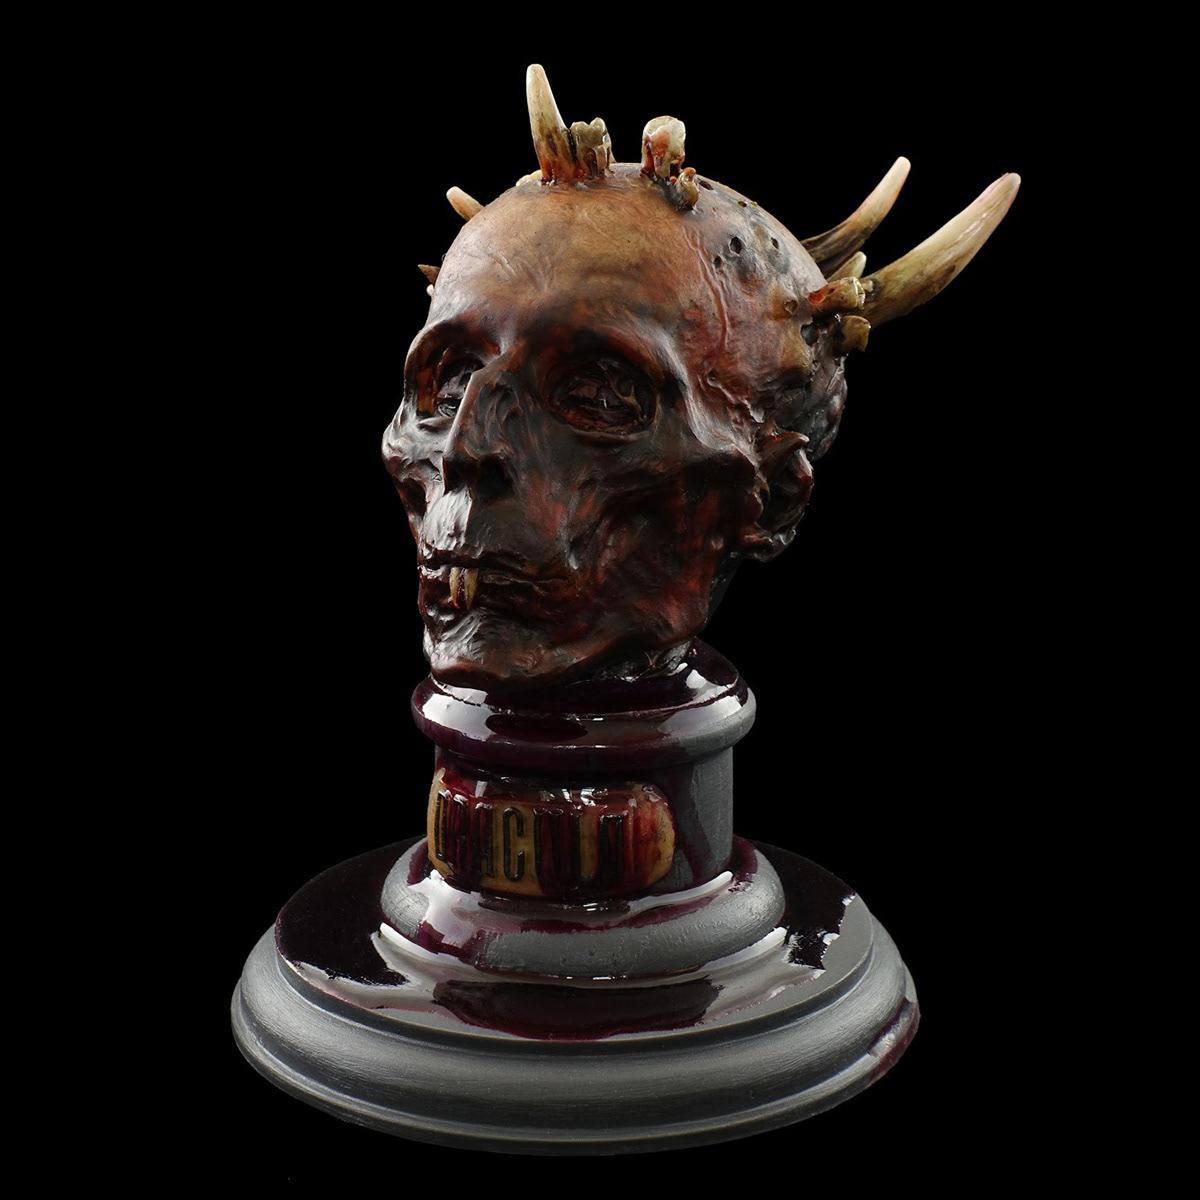 dracula horror sculpture